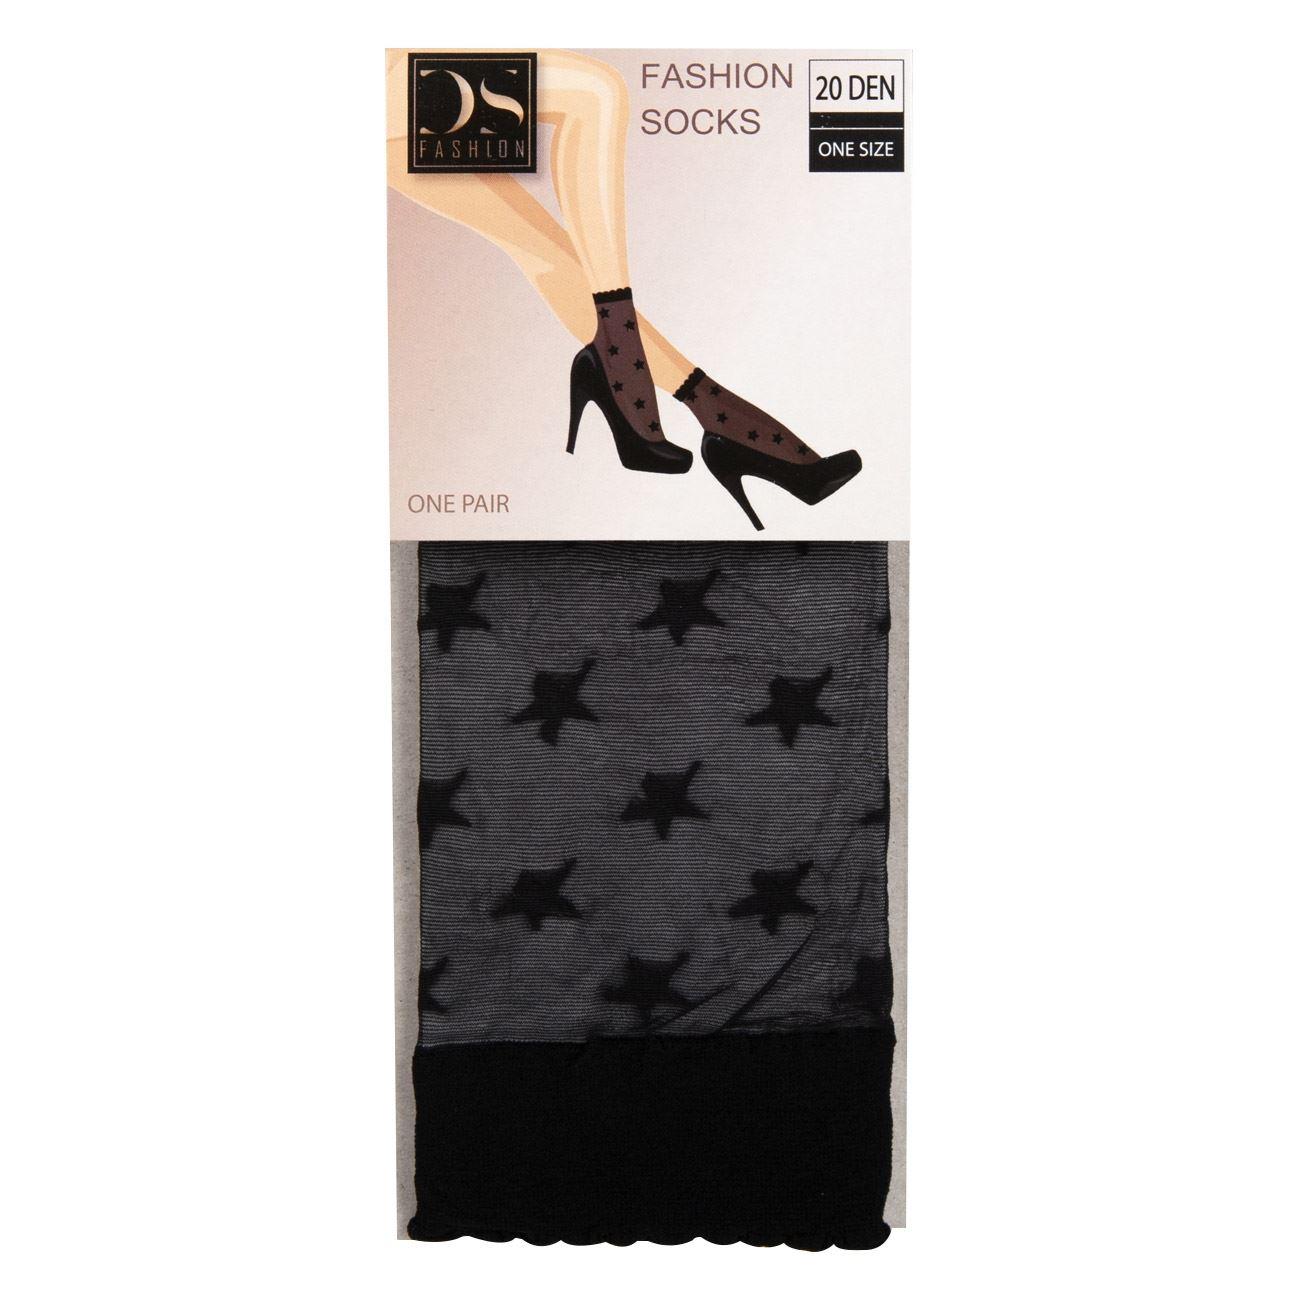 Καλσόν Κάλτσα με Σχέδια · Καλτσάκια Γυναικεία Μαύρα Σοσόνια Αστέρια 20Den -  One Size 5a371b9f650